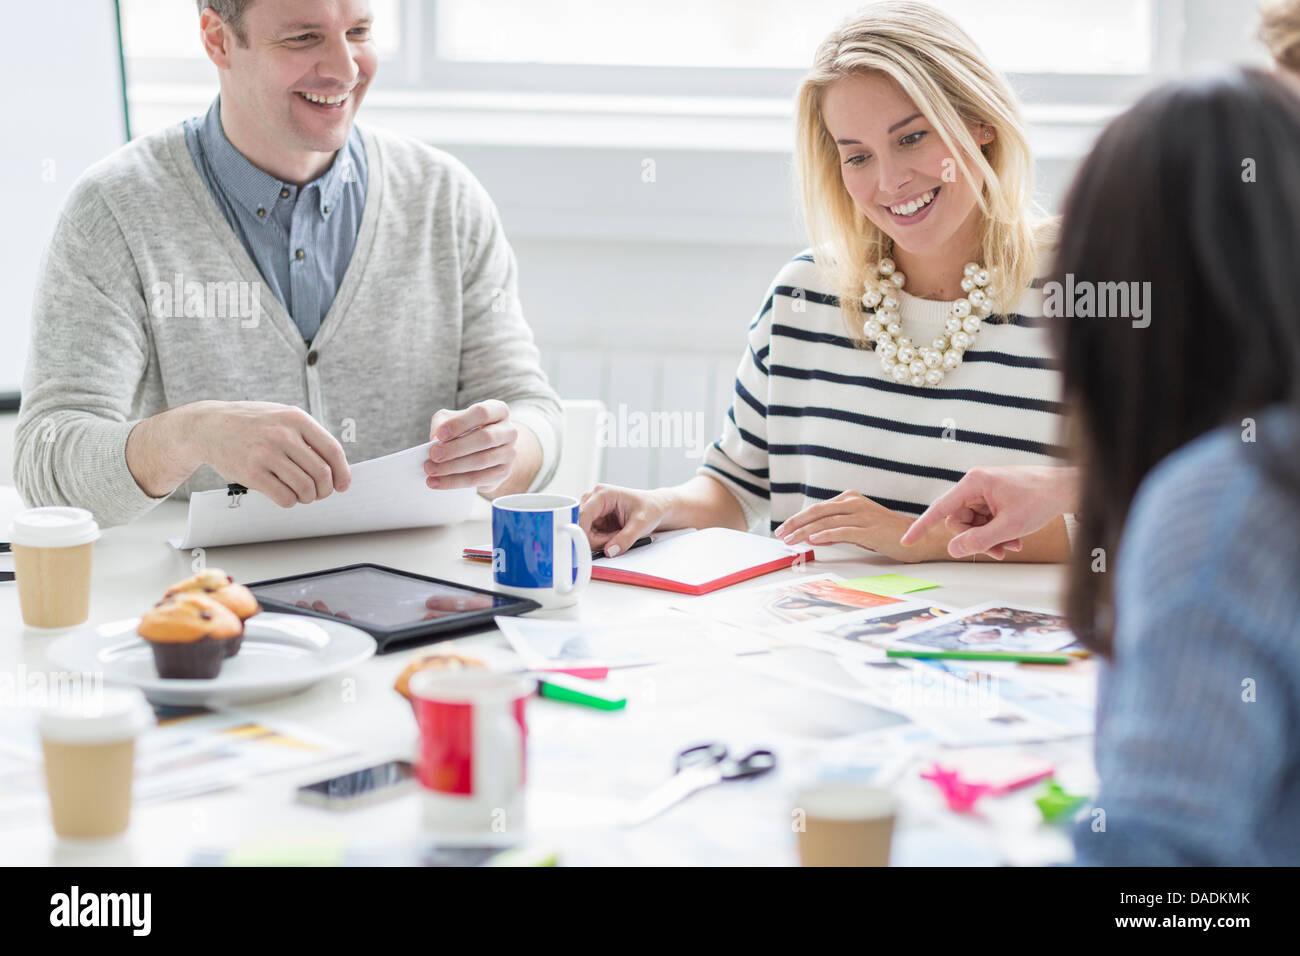 Kreativteam Pläne im Büro treffen zu besprechen Stockbild